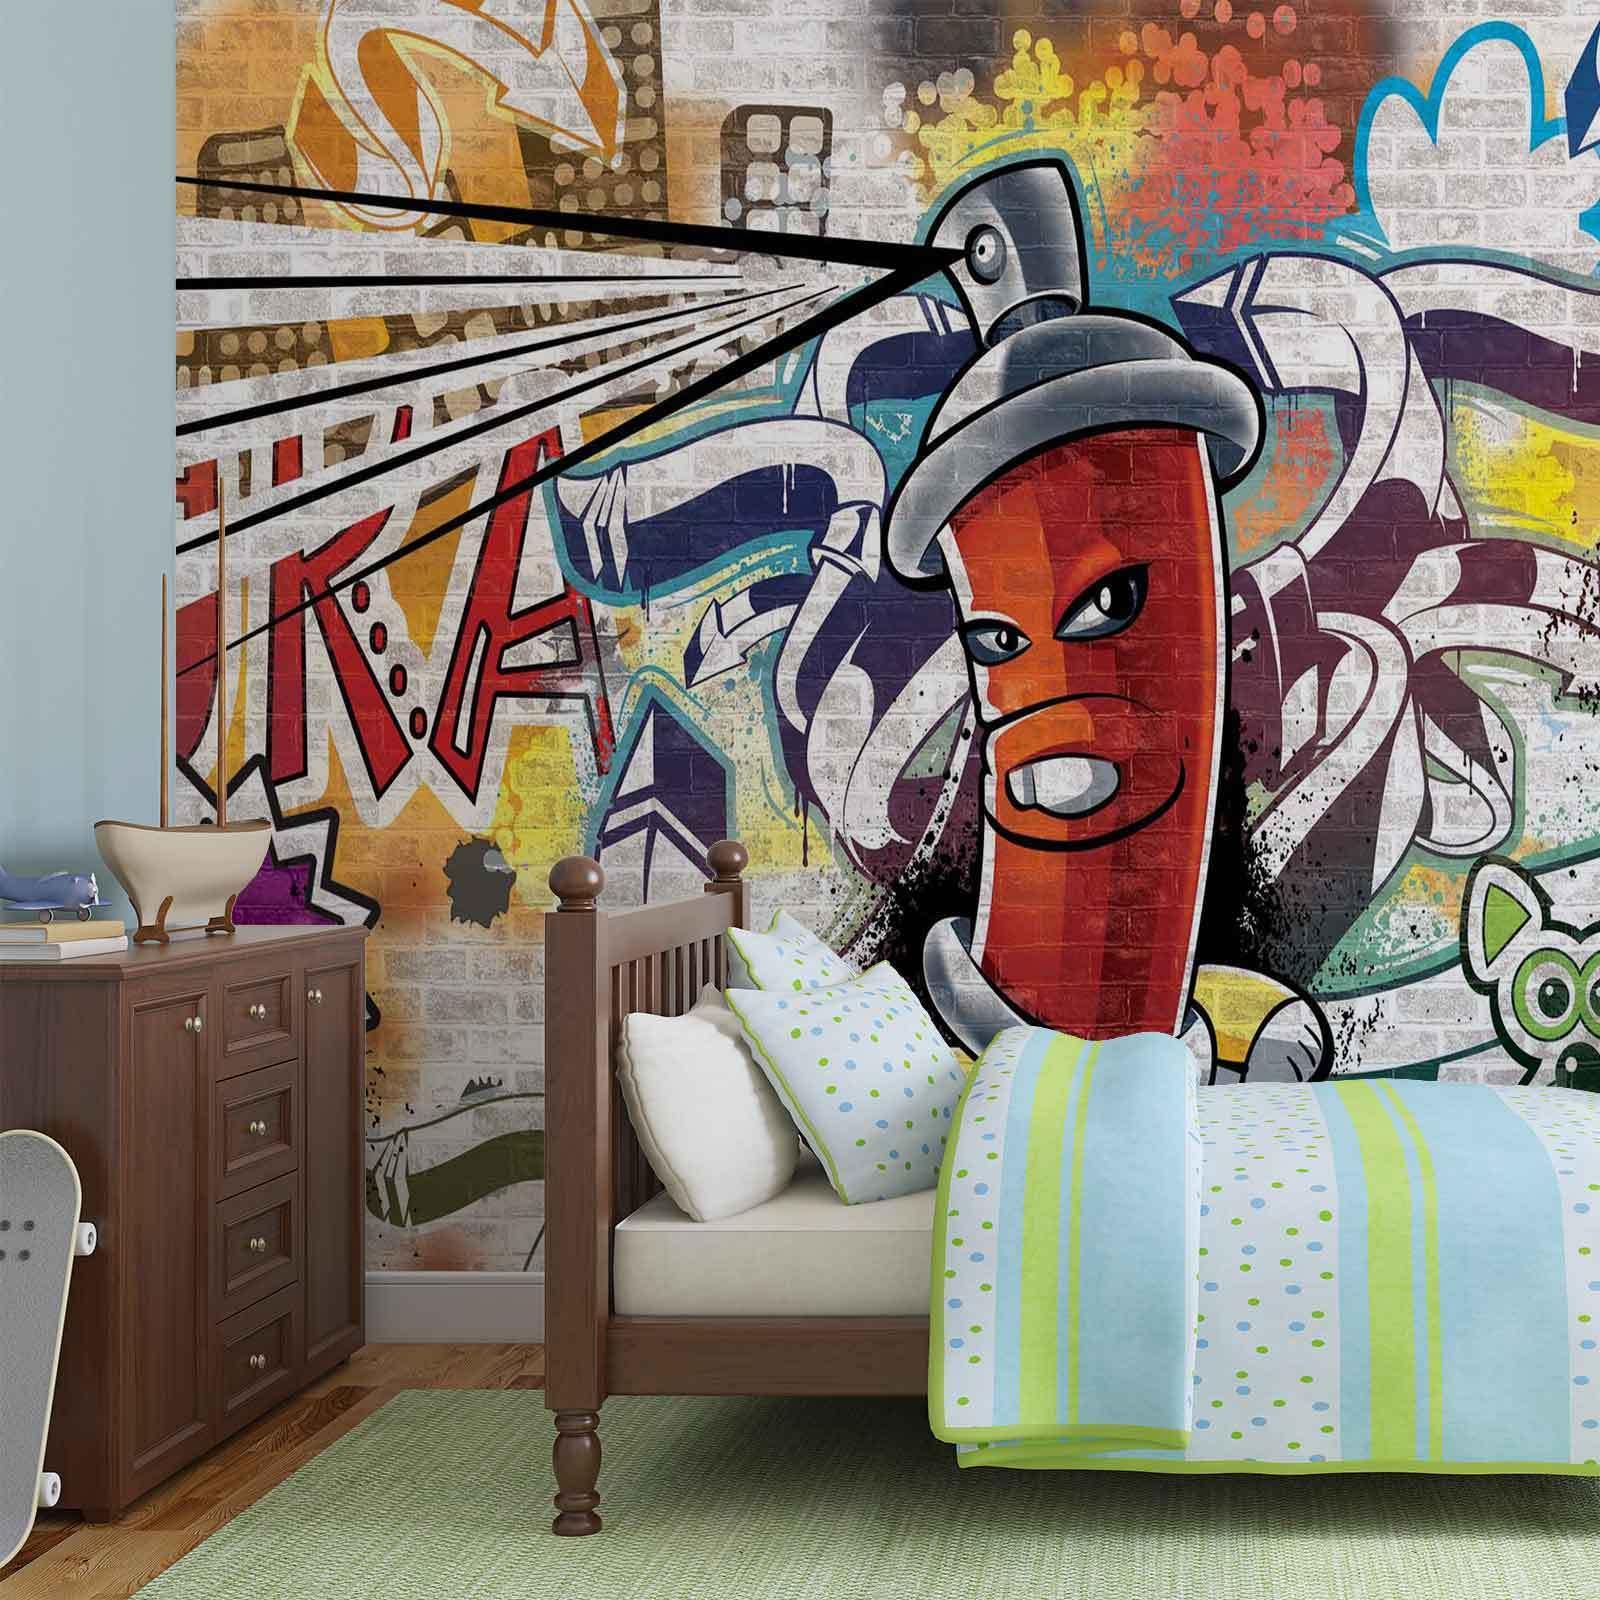 WALL MURAL PHOTO WALLPAPER XXL Graffiti Street Art (1395WS)